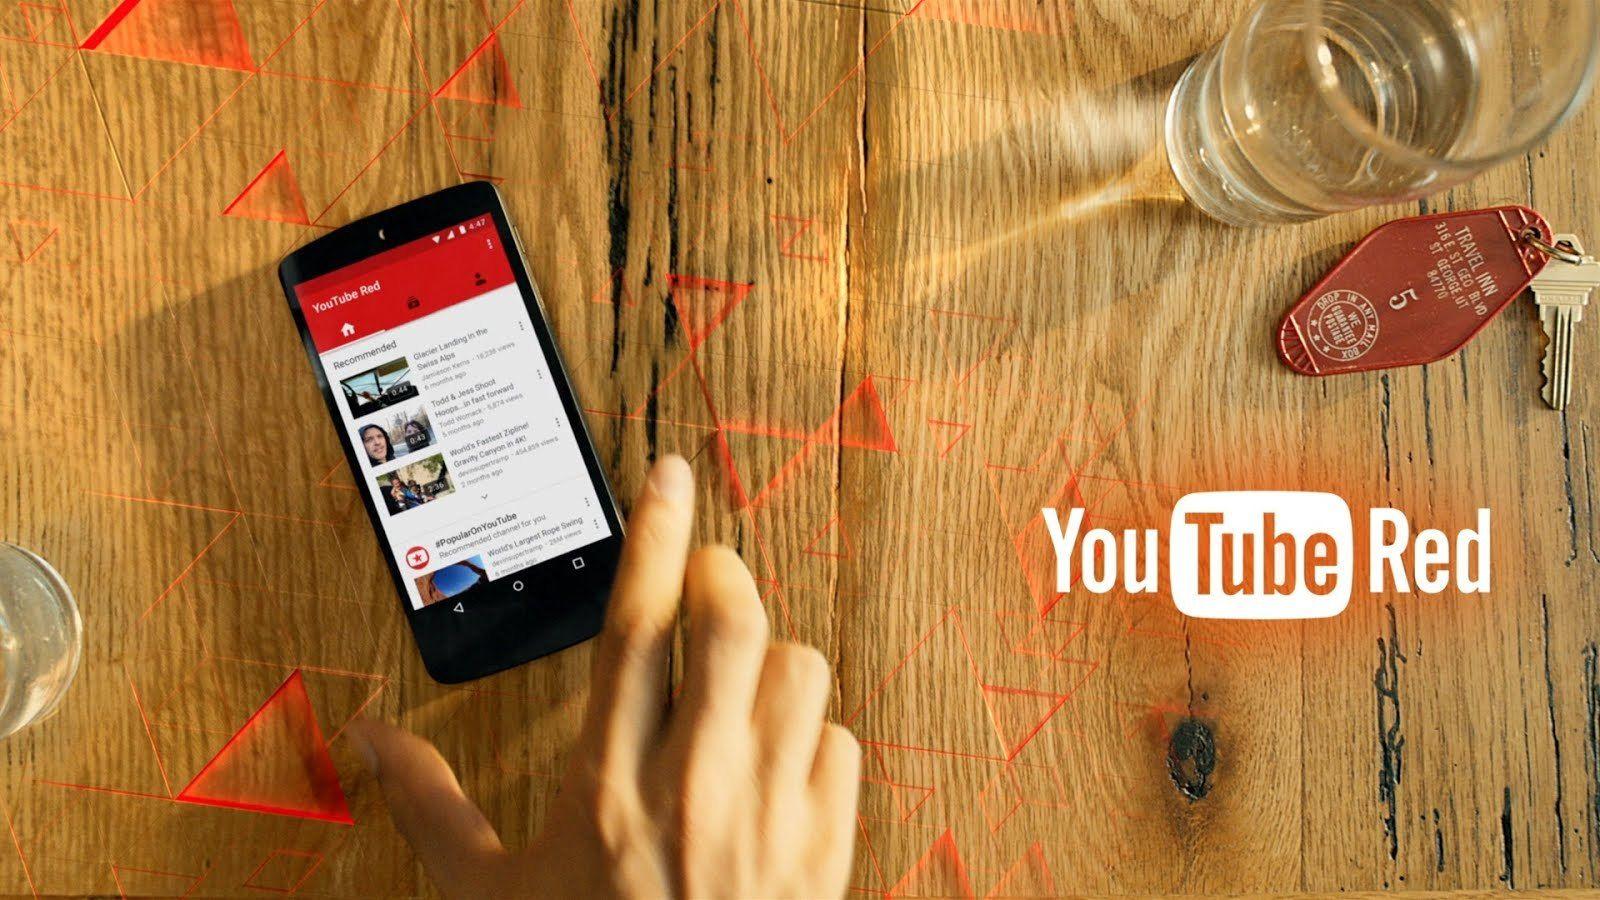 YouTube Red.jpg